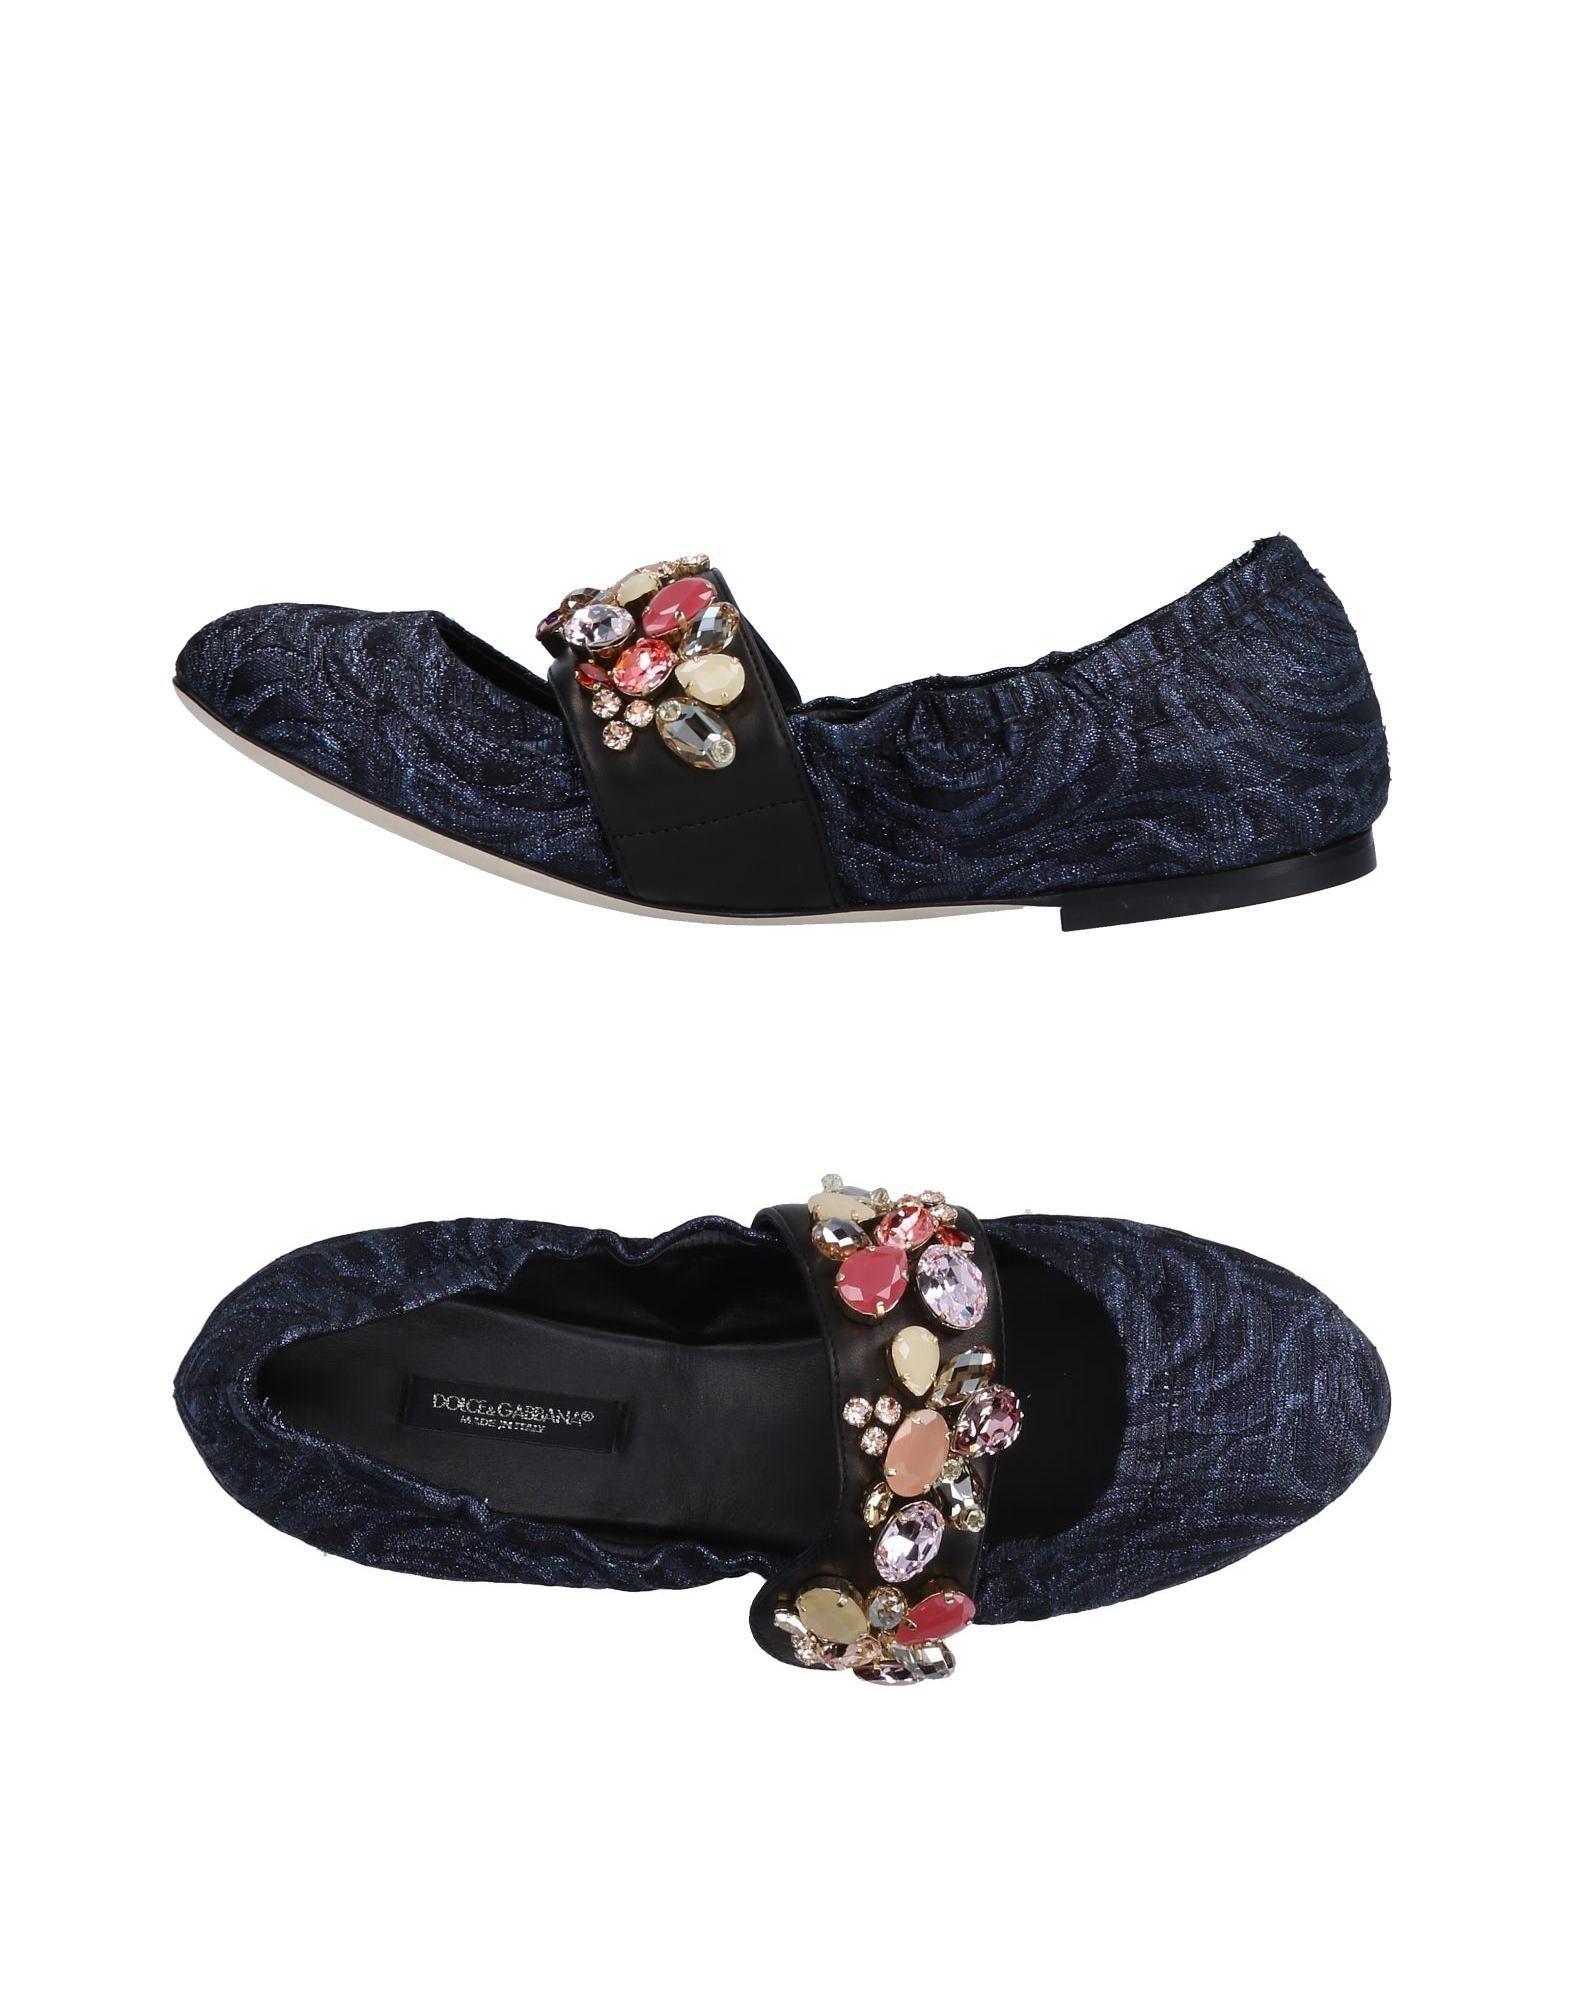 Dolce & Gabbana Ballet Flats - Women Dolce & on Gabbana Ballet Flats online on &  Canada - 11513875WB 5f4d78